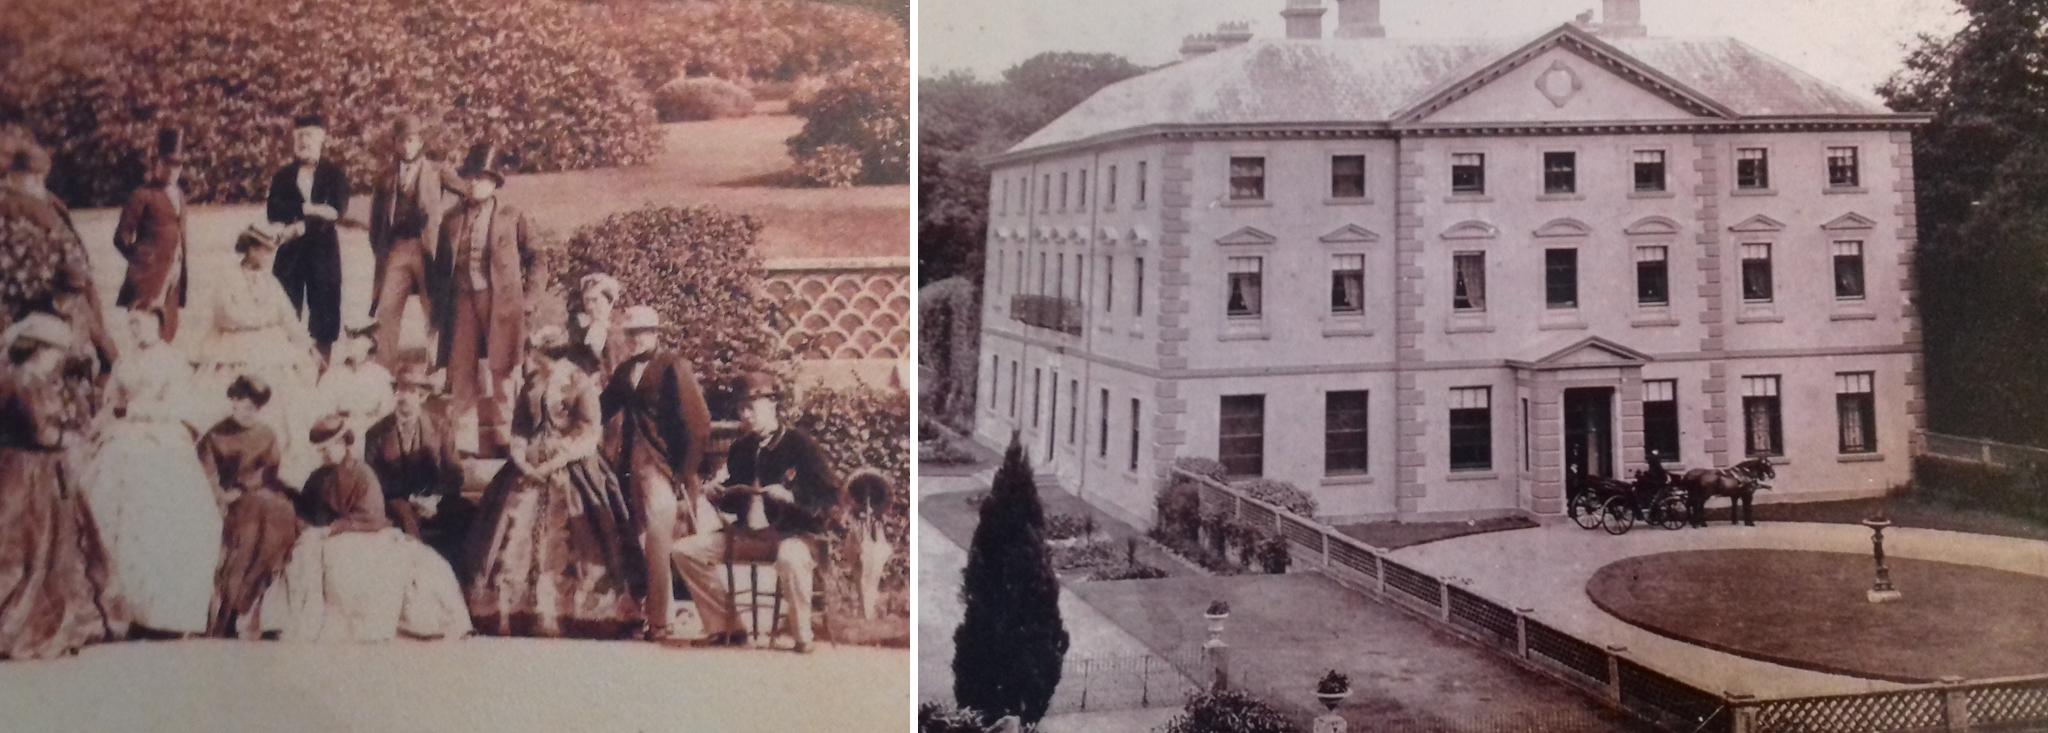 Pencarrow's history